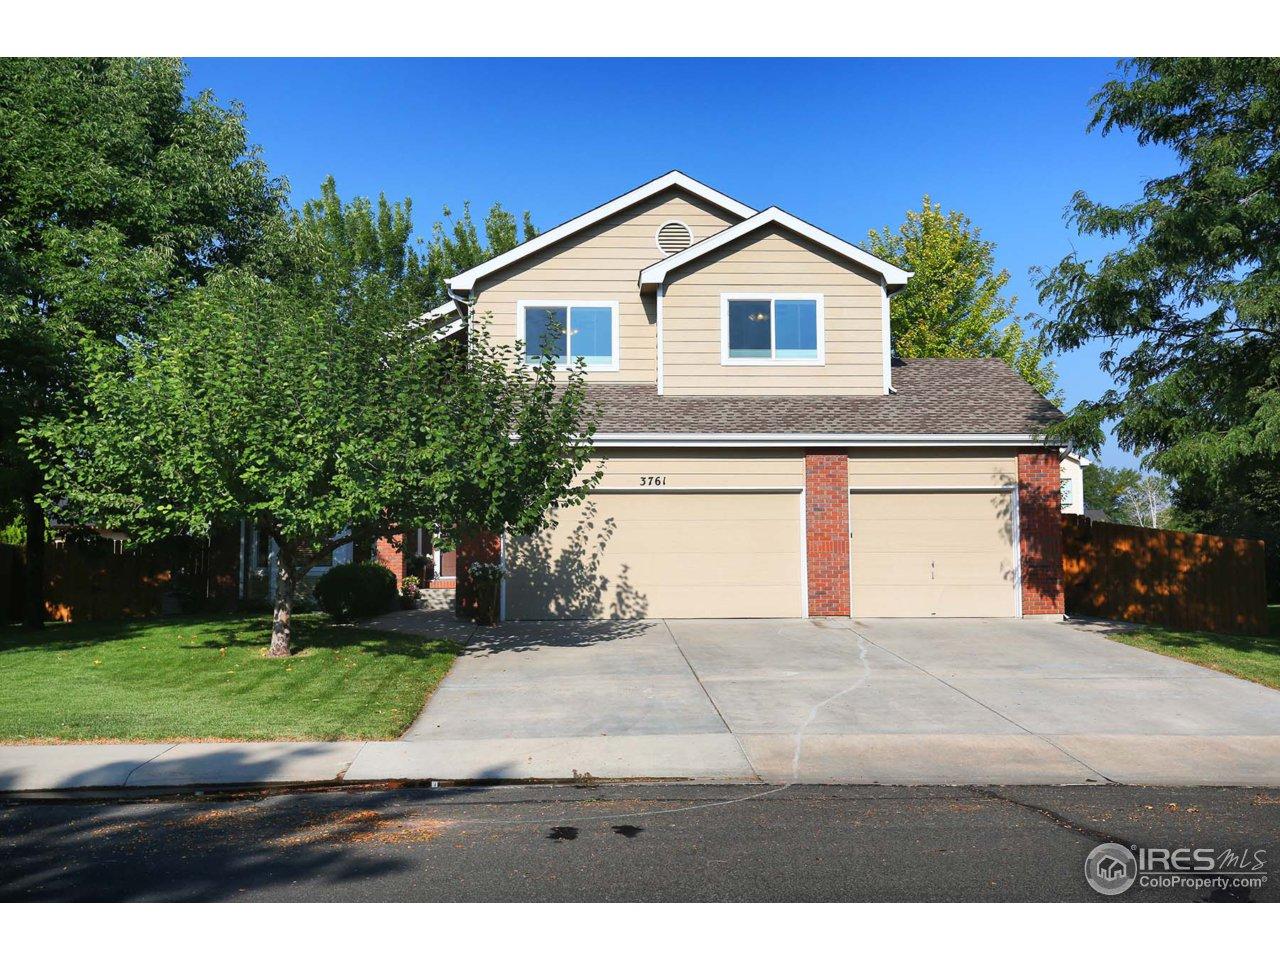 3761 Kentford Rd, Fort Collins CO 80525